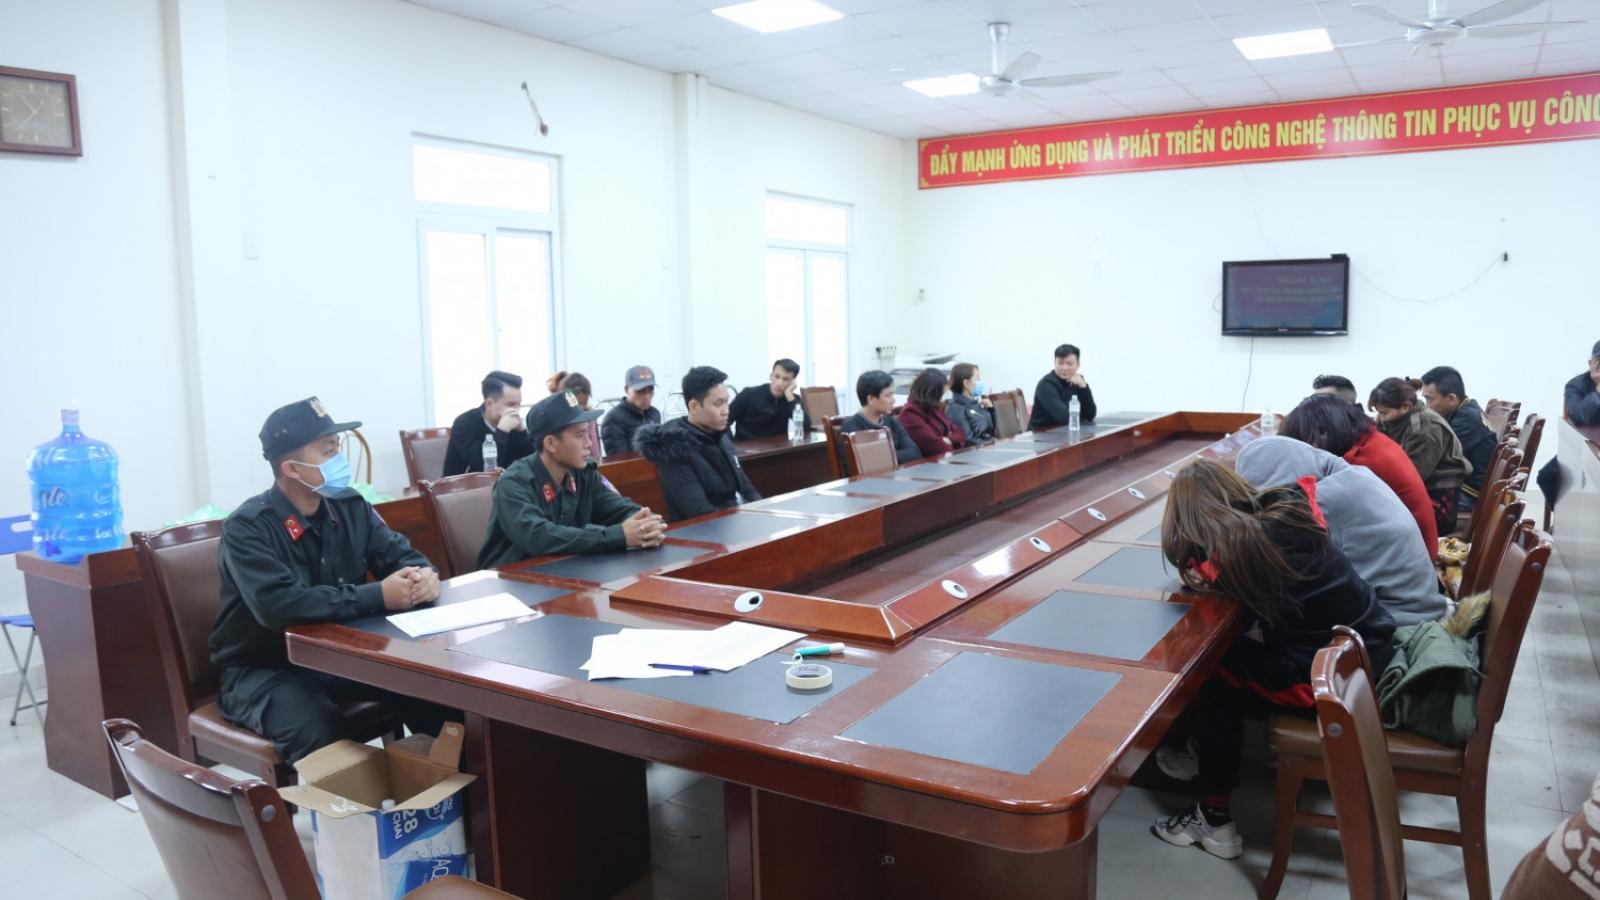 Nhiều người có dấu hiệu sử dụng ma túy tại vũ trường lớn nhất Quảng Ninh